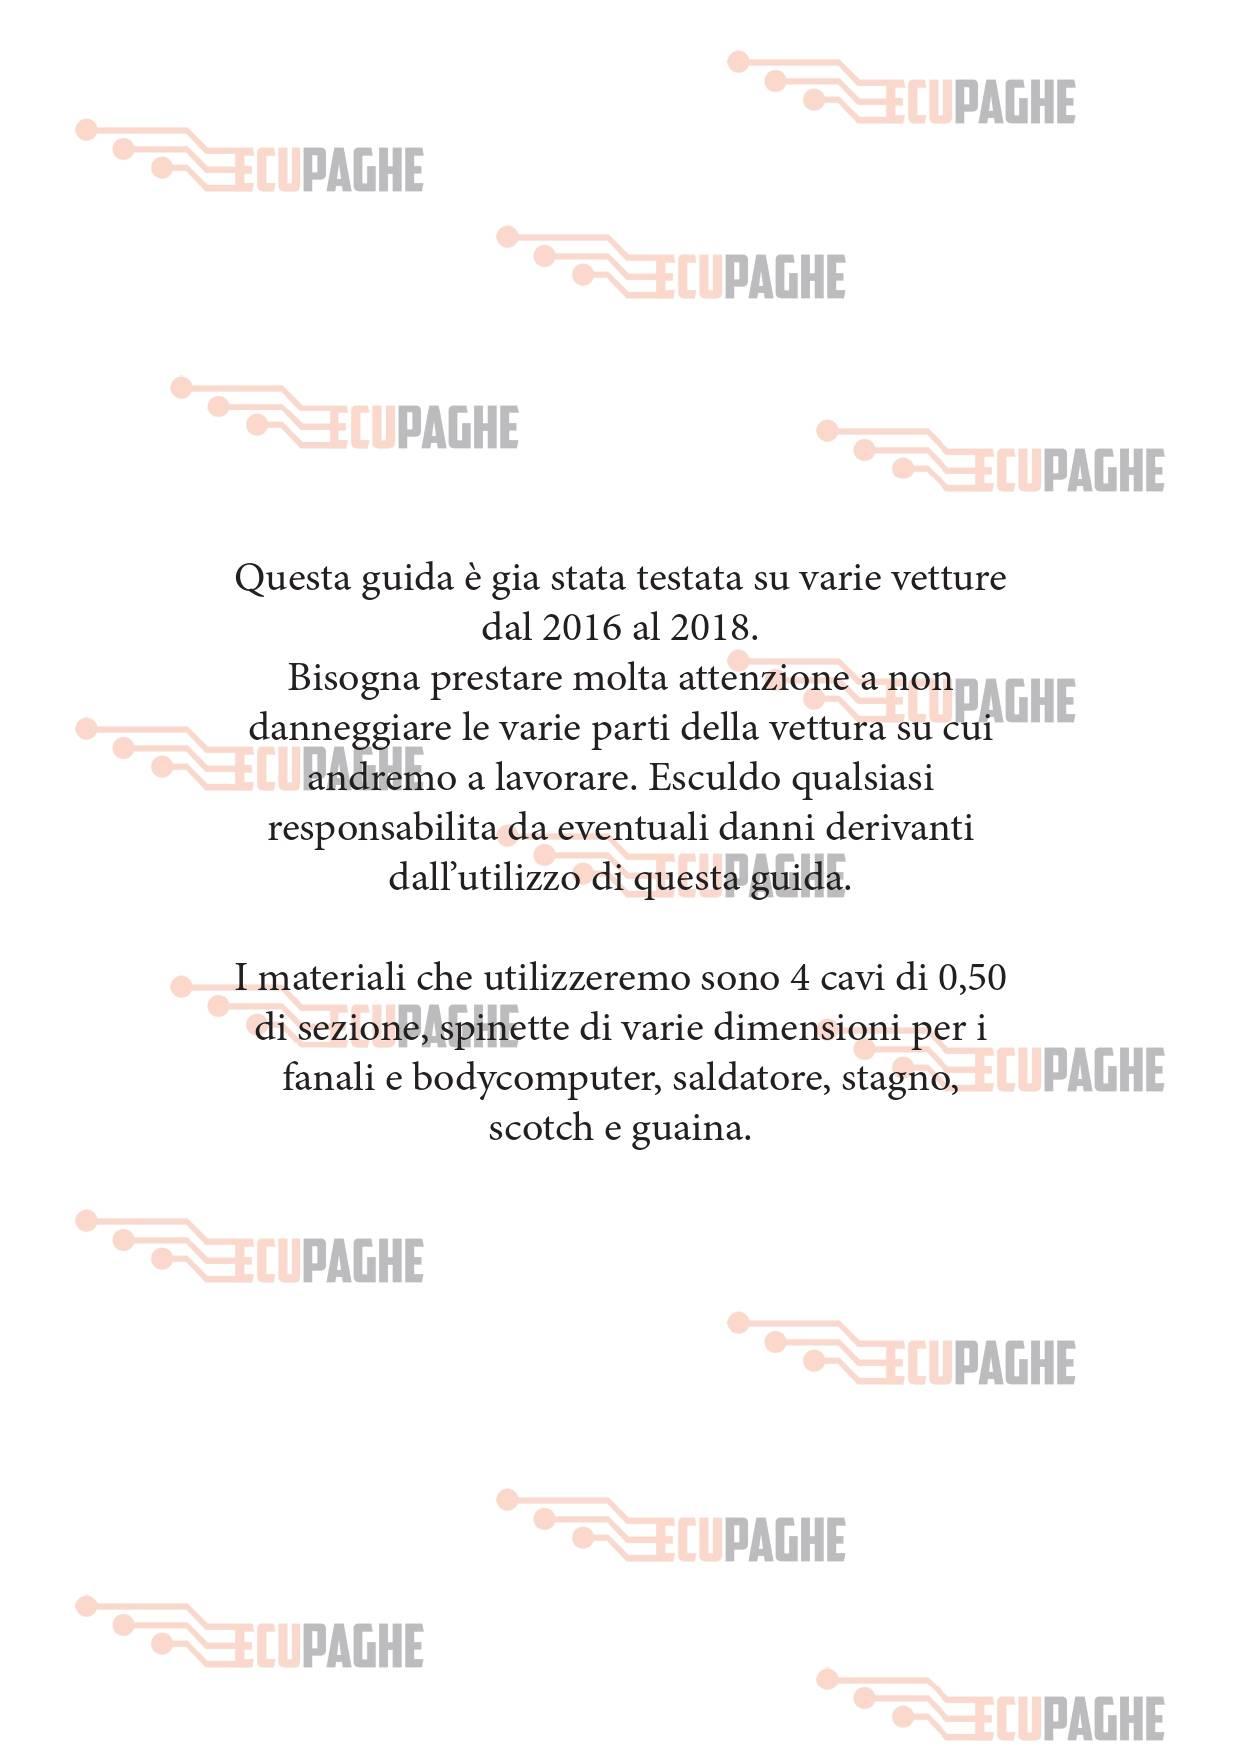 GUIDA FANALI XENON ALFA ROMEO GIULIA_page-0002.jpg